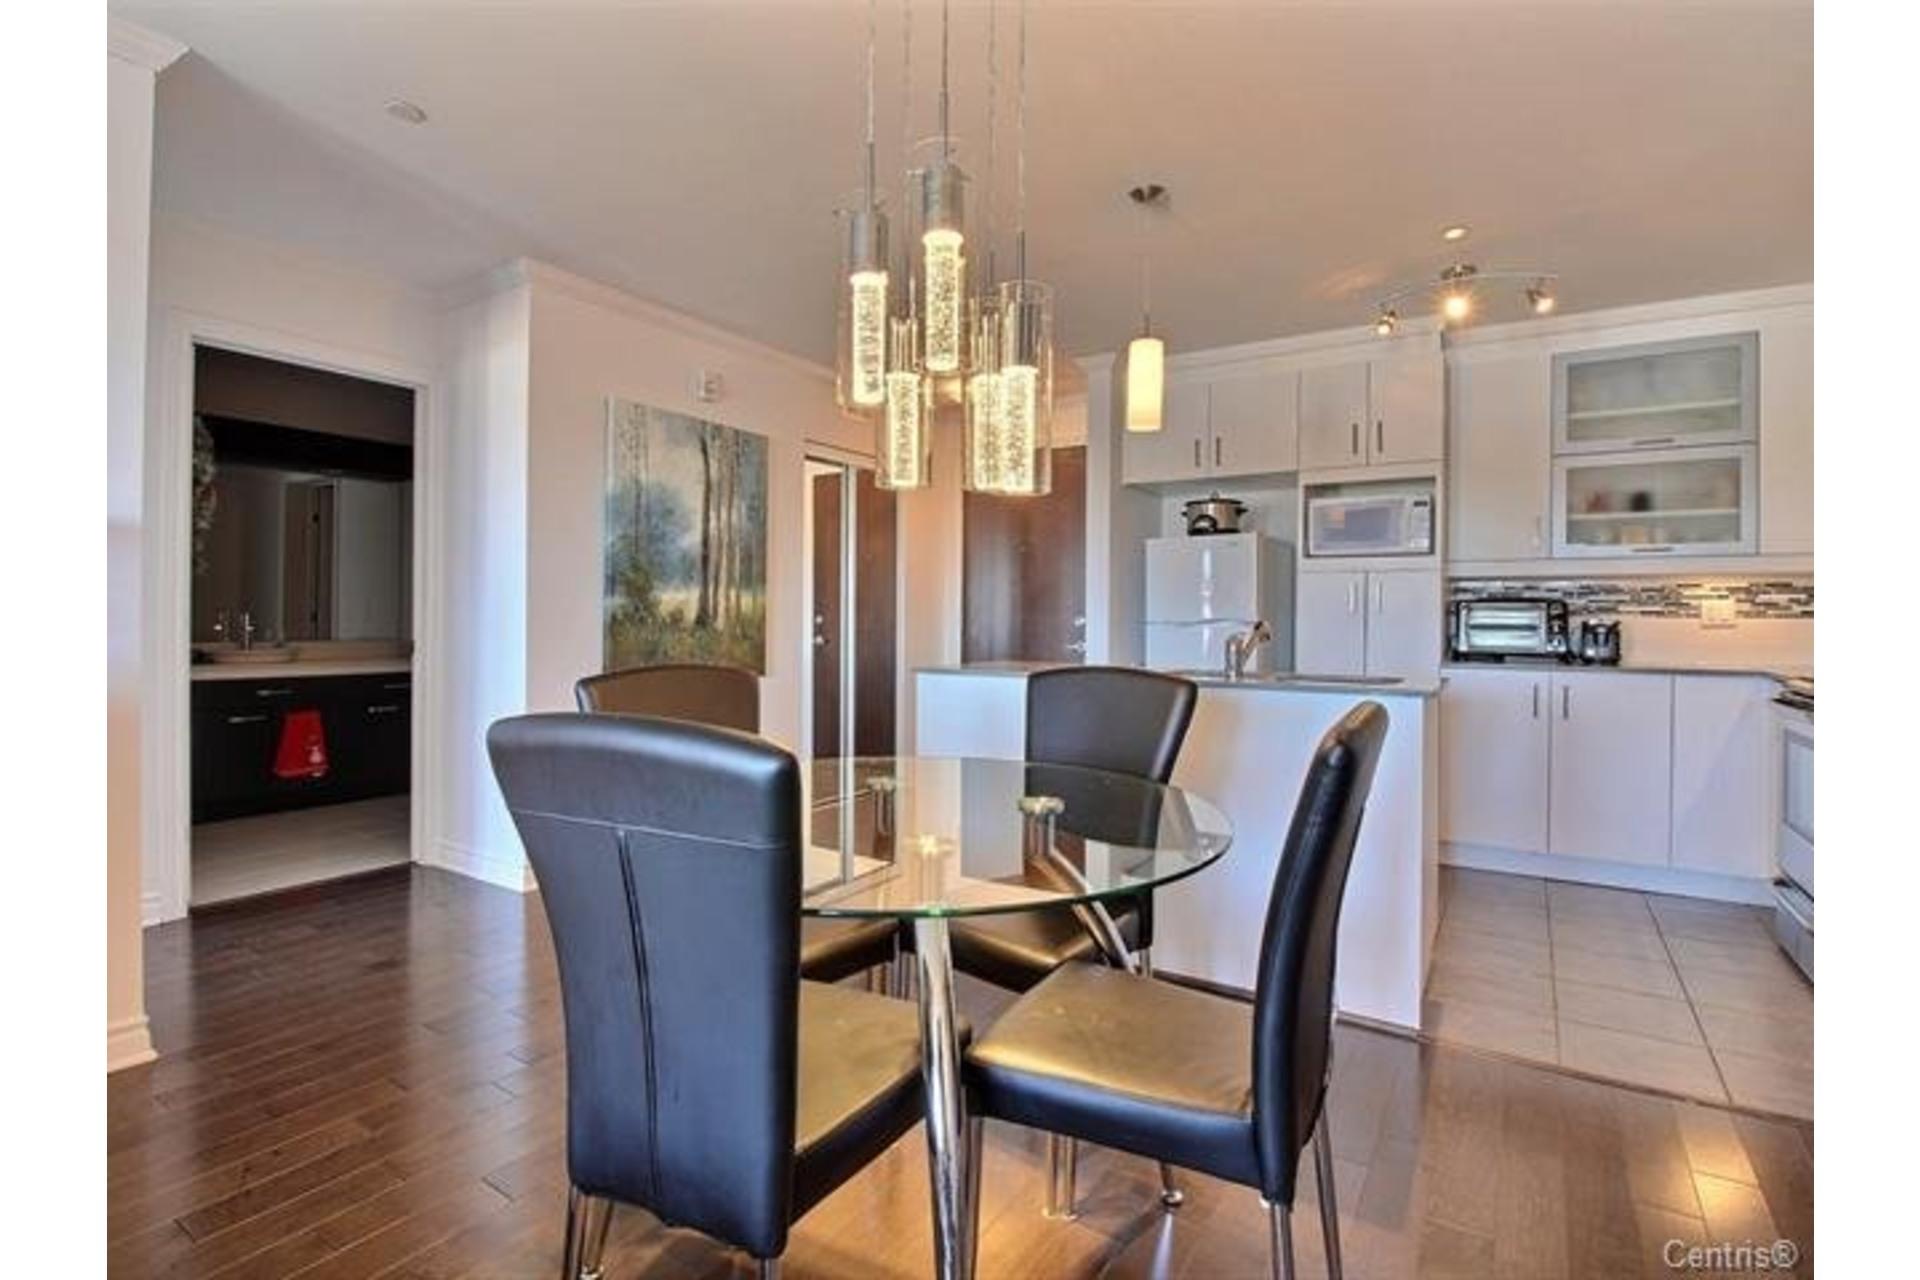 image 5 - Apartment For sale Montréal Pierrefonds-Roxboro  - 7 rooms